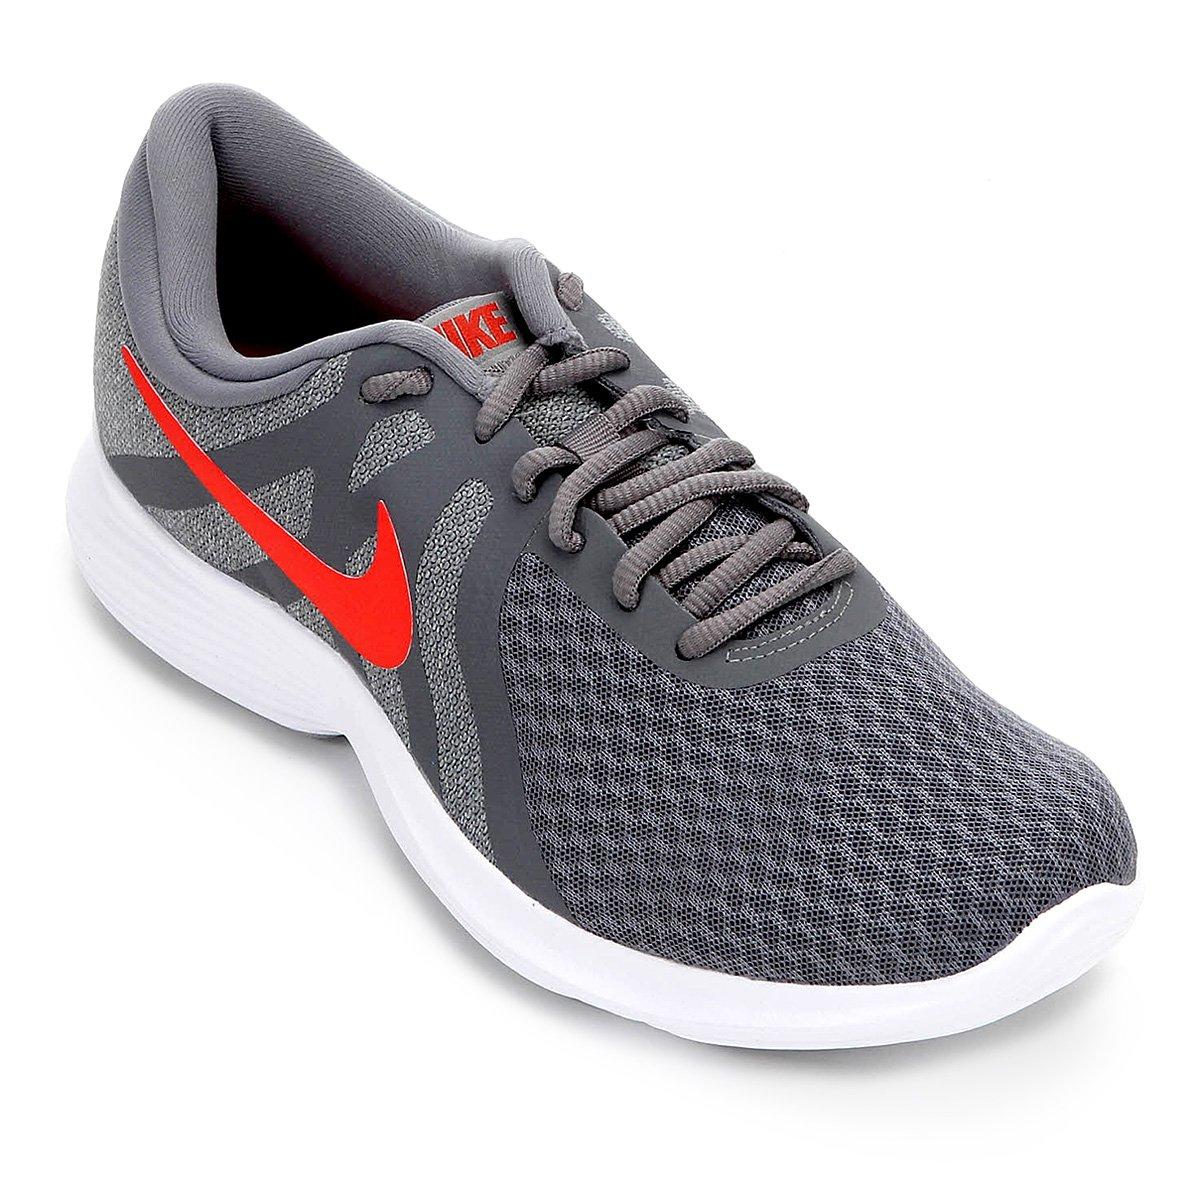 49d50916eb Tênis Nike Revolution 4 Masculino - Cinza e Vermelho - Compre Agora ...